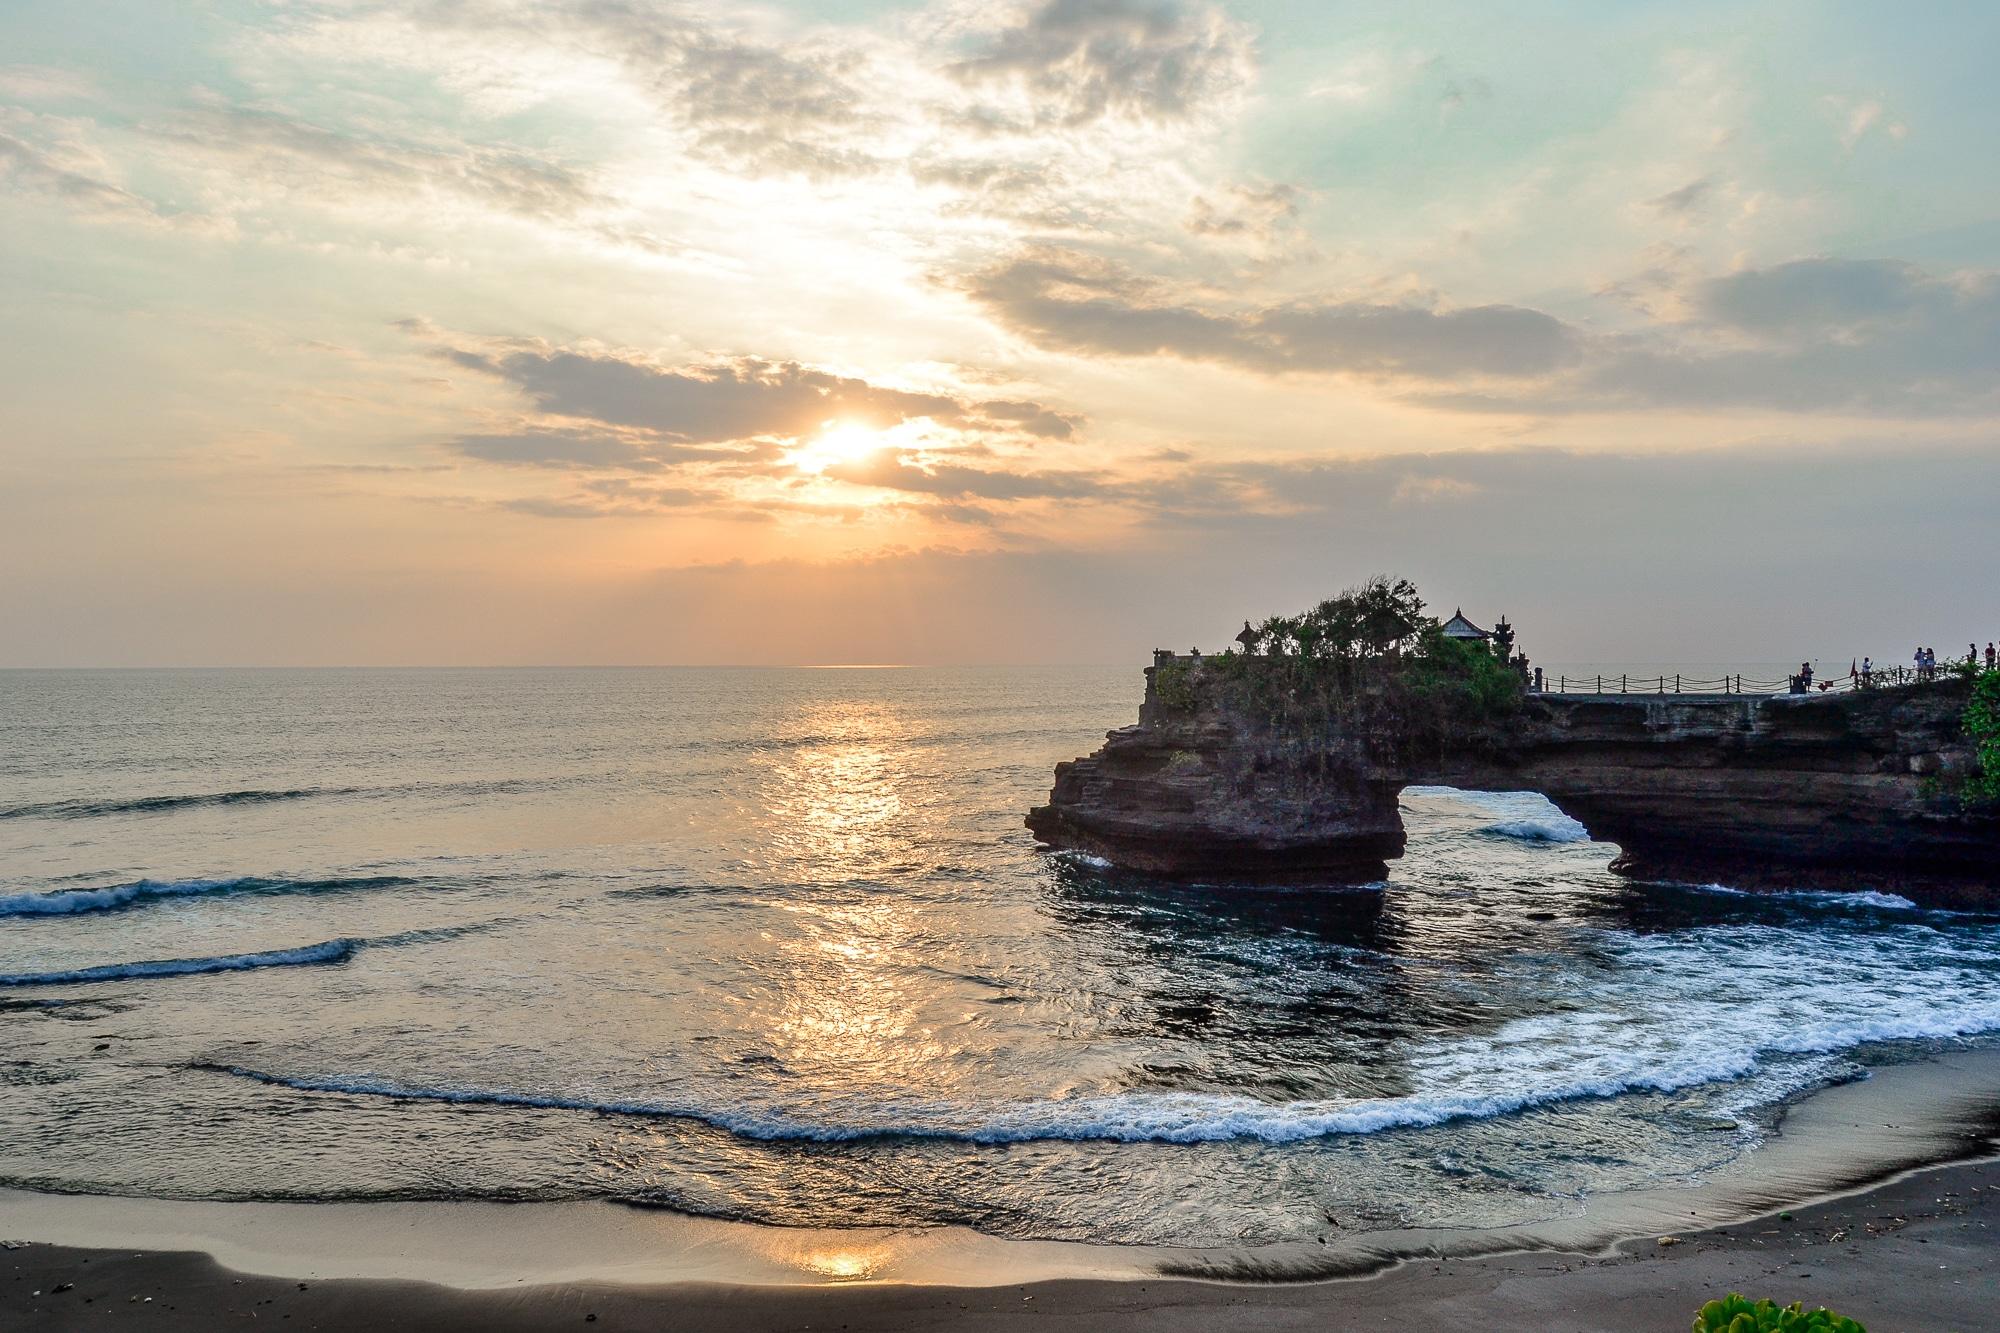 Bali Hindu Tempel Pura Tanah Lot Sonnenuntergang